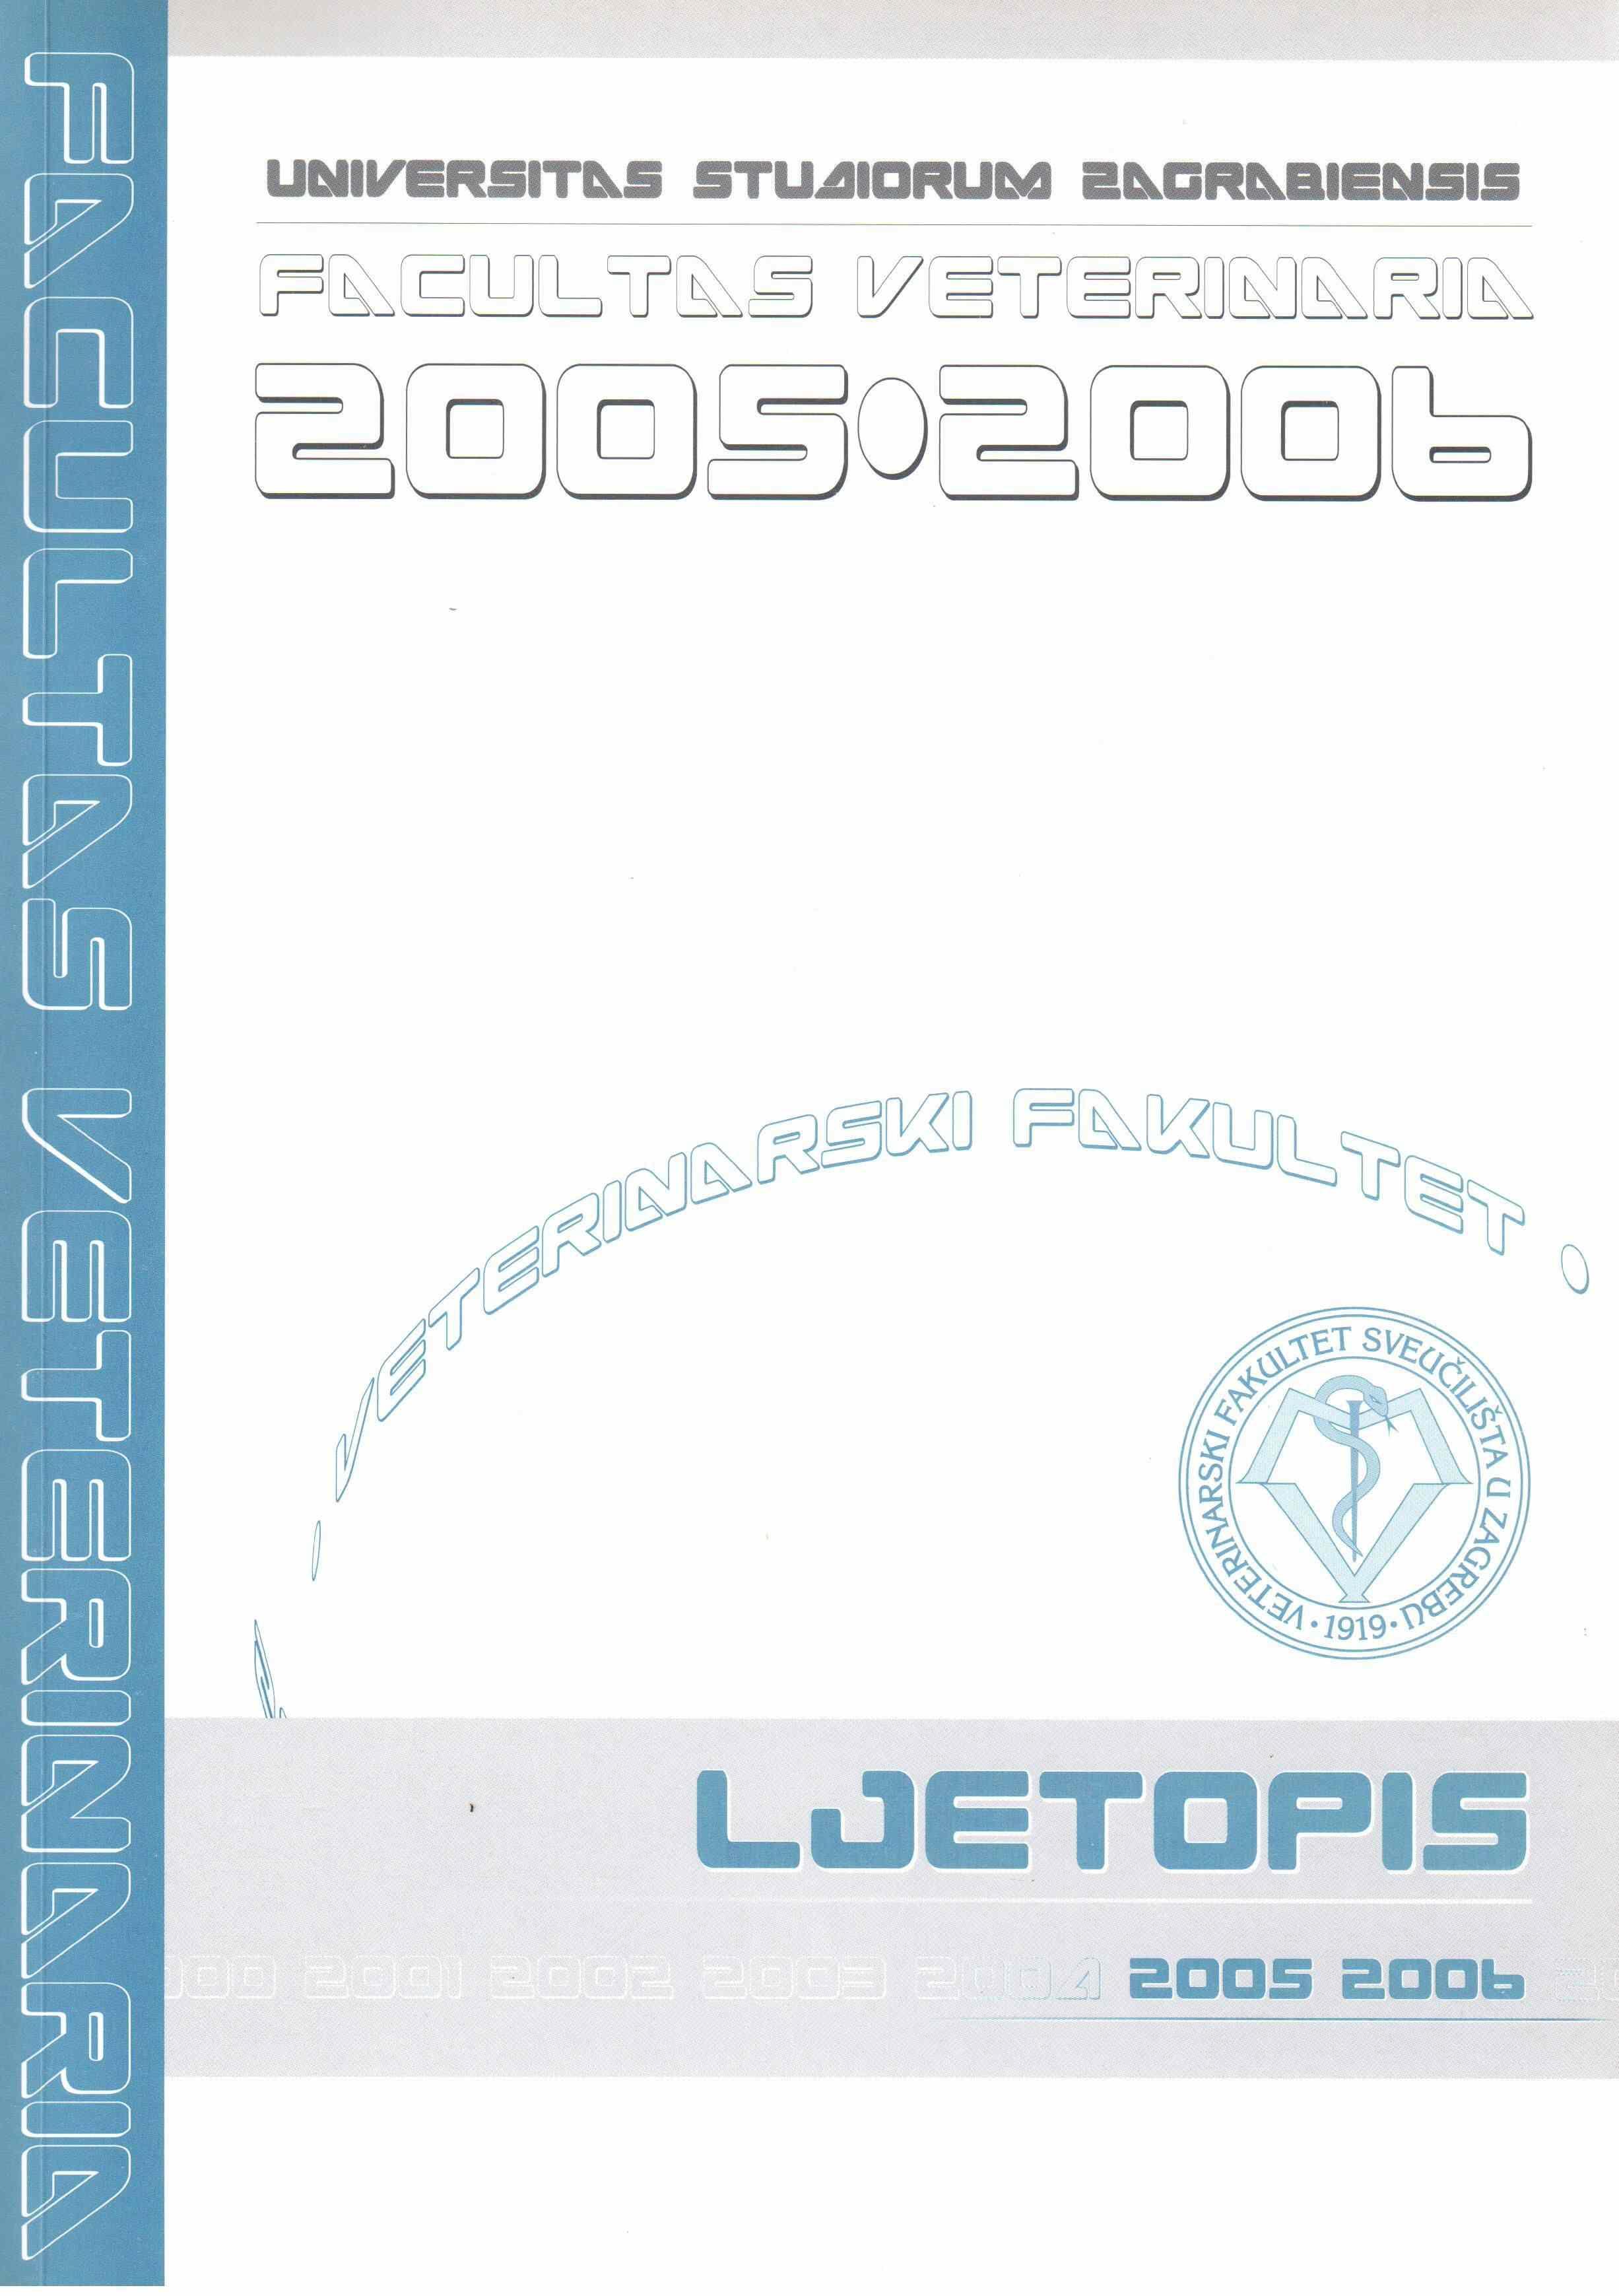 Ljetopis 2005-2006